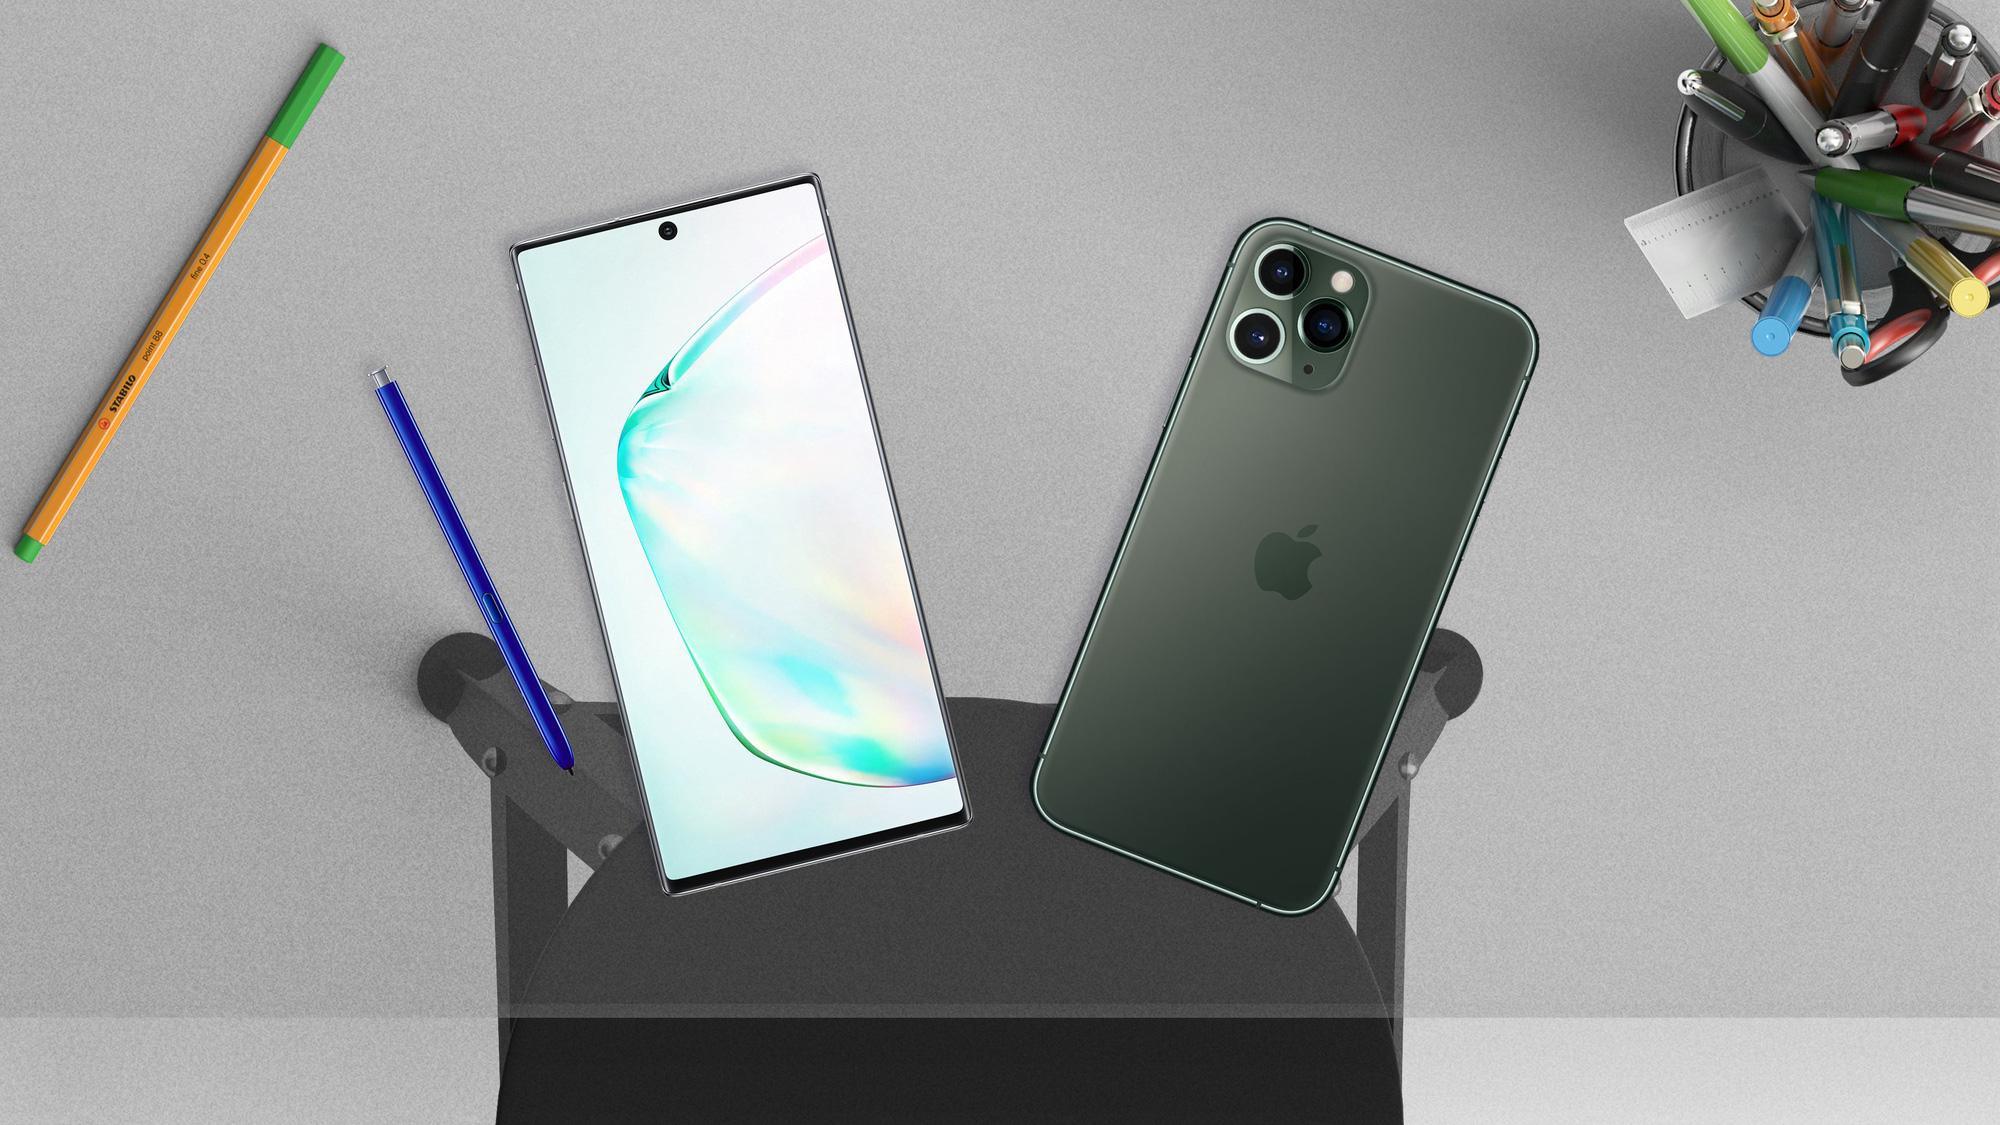 dien-thoai-iphone-cua-apple-o-dau-trong-thi-truong-di-dong-tai-viet-nam-1